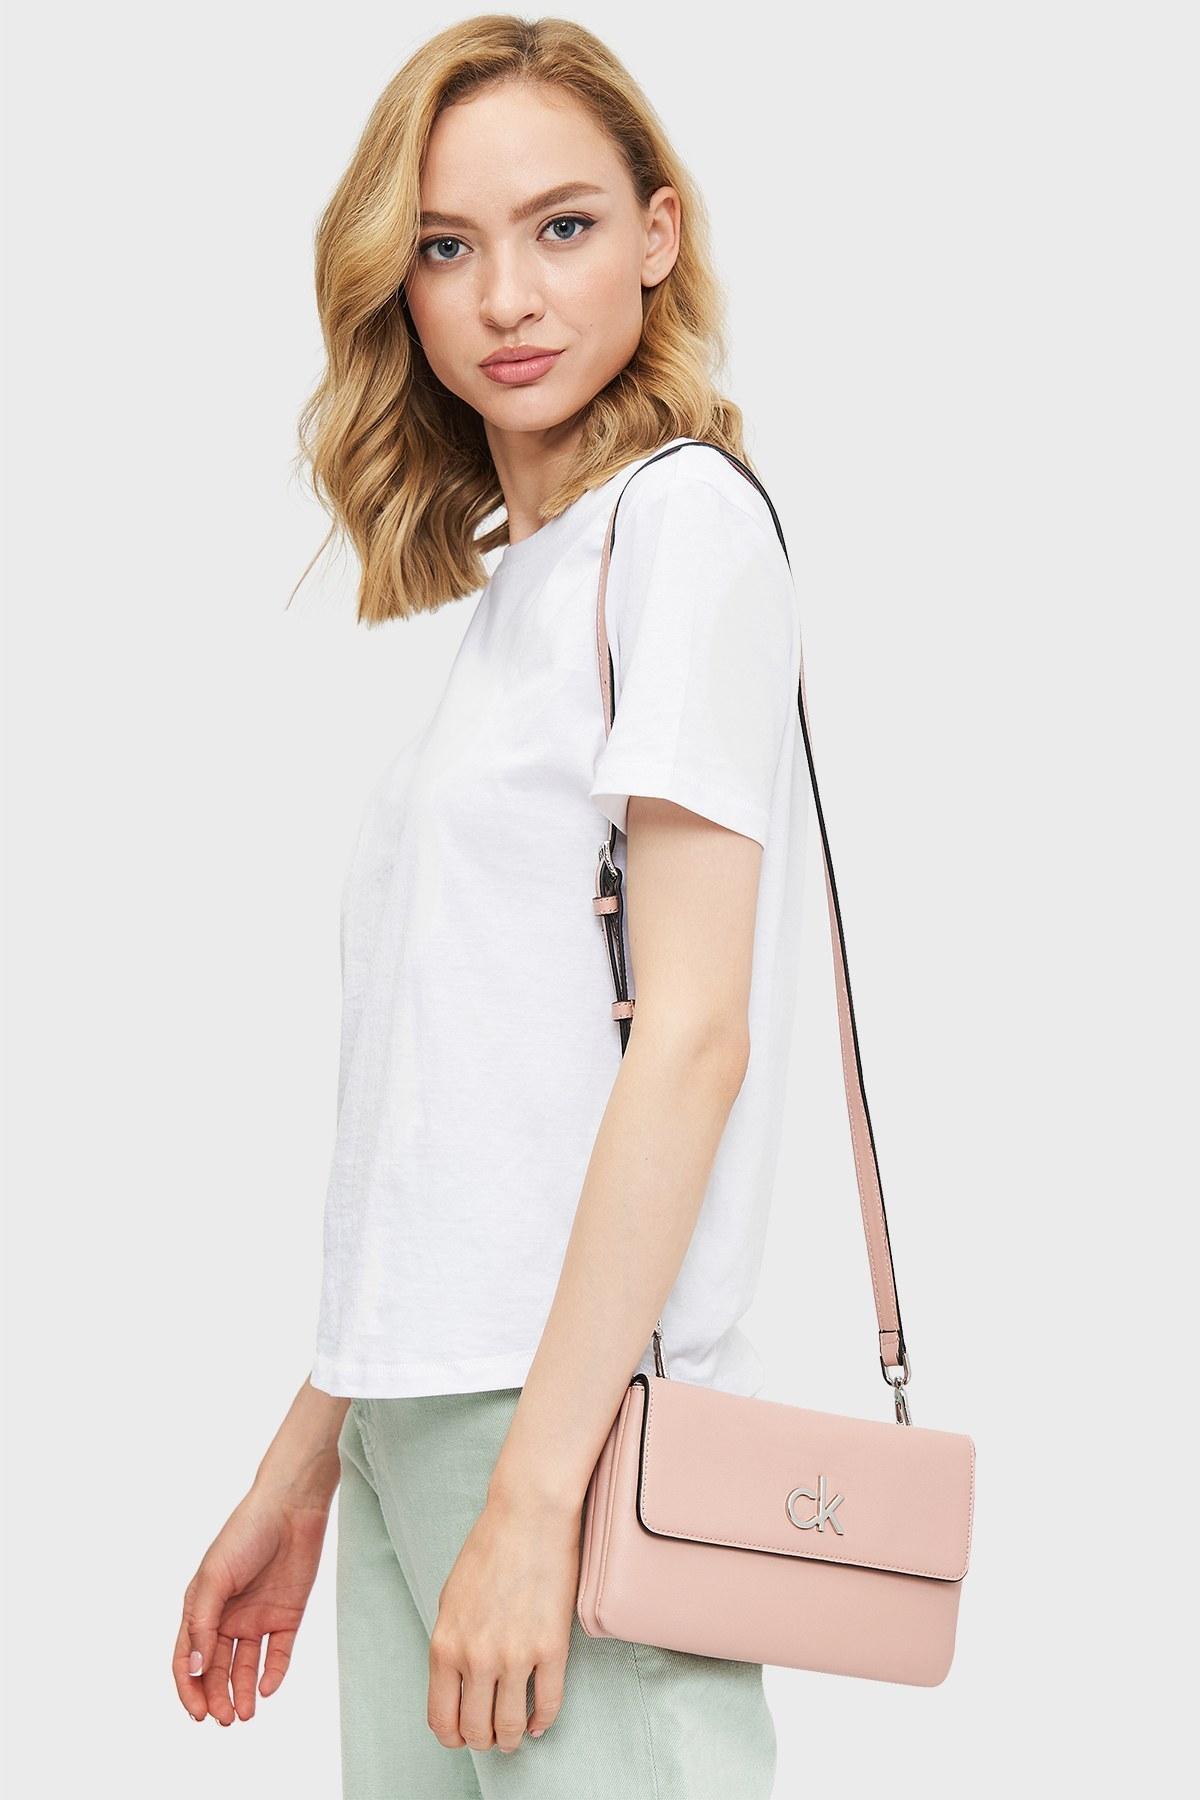 Calvin Klein Ayarlanabilir Askılı Bayan Çanta K60K608177 TCT PEMBE